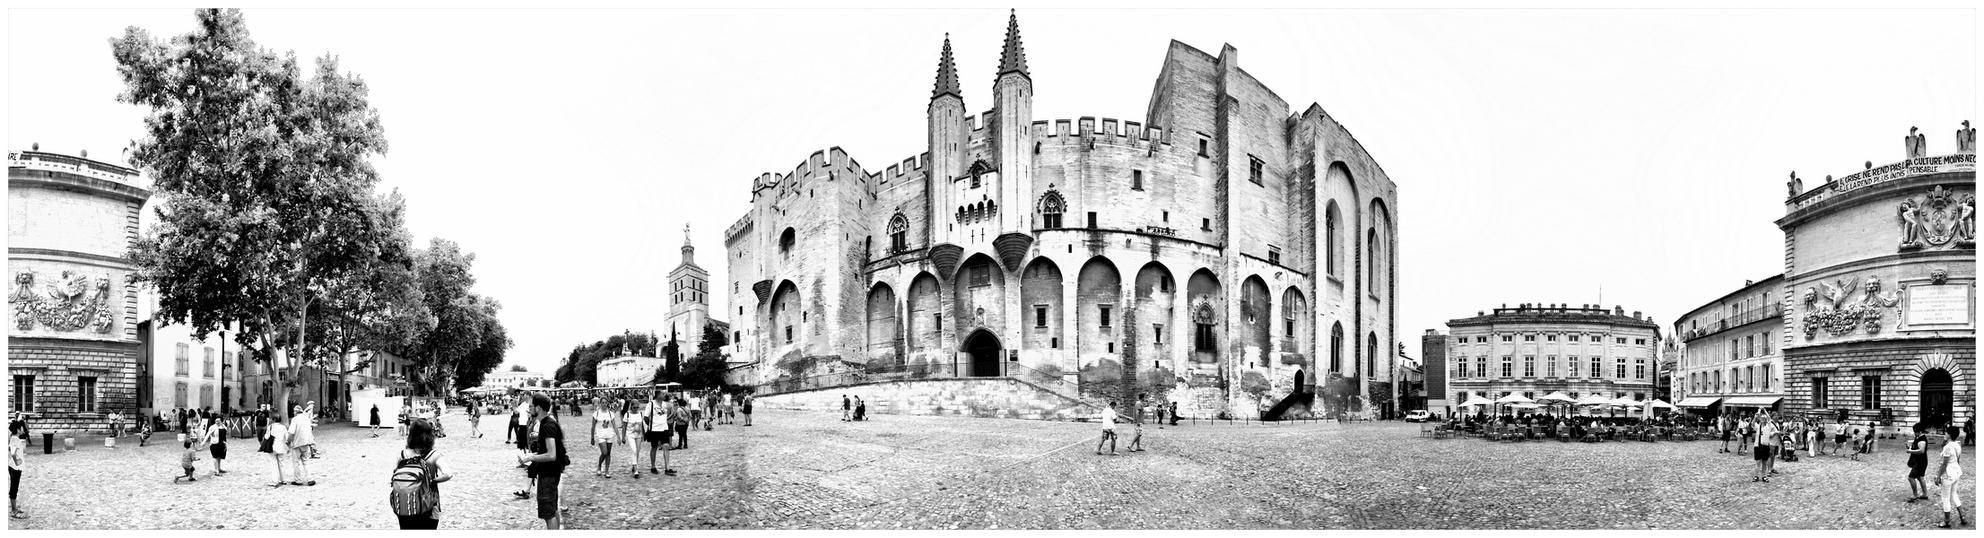 Pl. du Palais - Een 360 graden panorama van het Place du Palais in Arles - foto door RonZuidgeest op 12-08-2014 - deze foto bevat: panorama, frankrijk, architectuur, zwartwit, provence, avignon, 360 - Deze foto mag gebruikt worden in een Zoom.nl publicatie